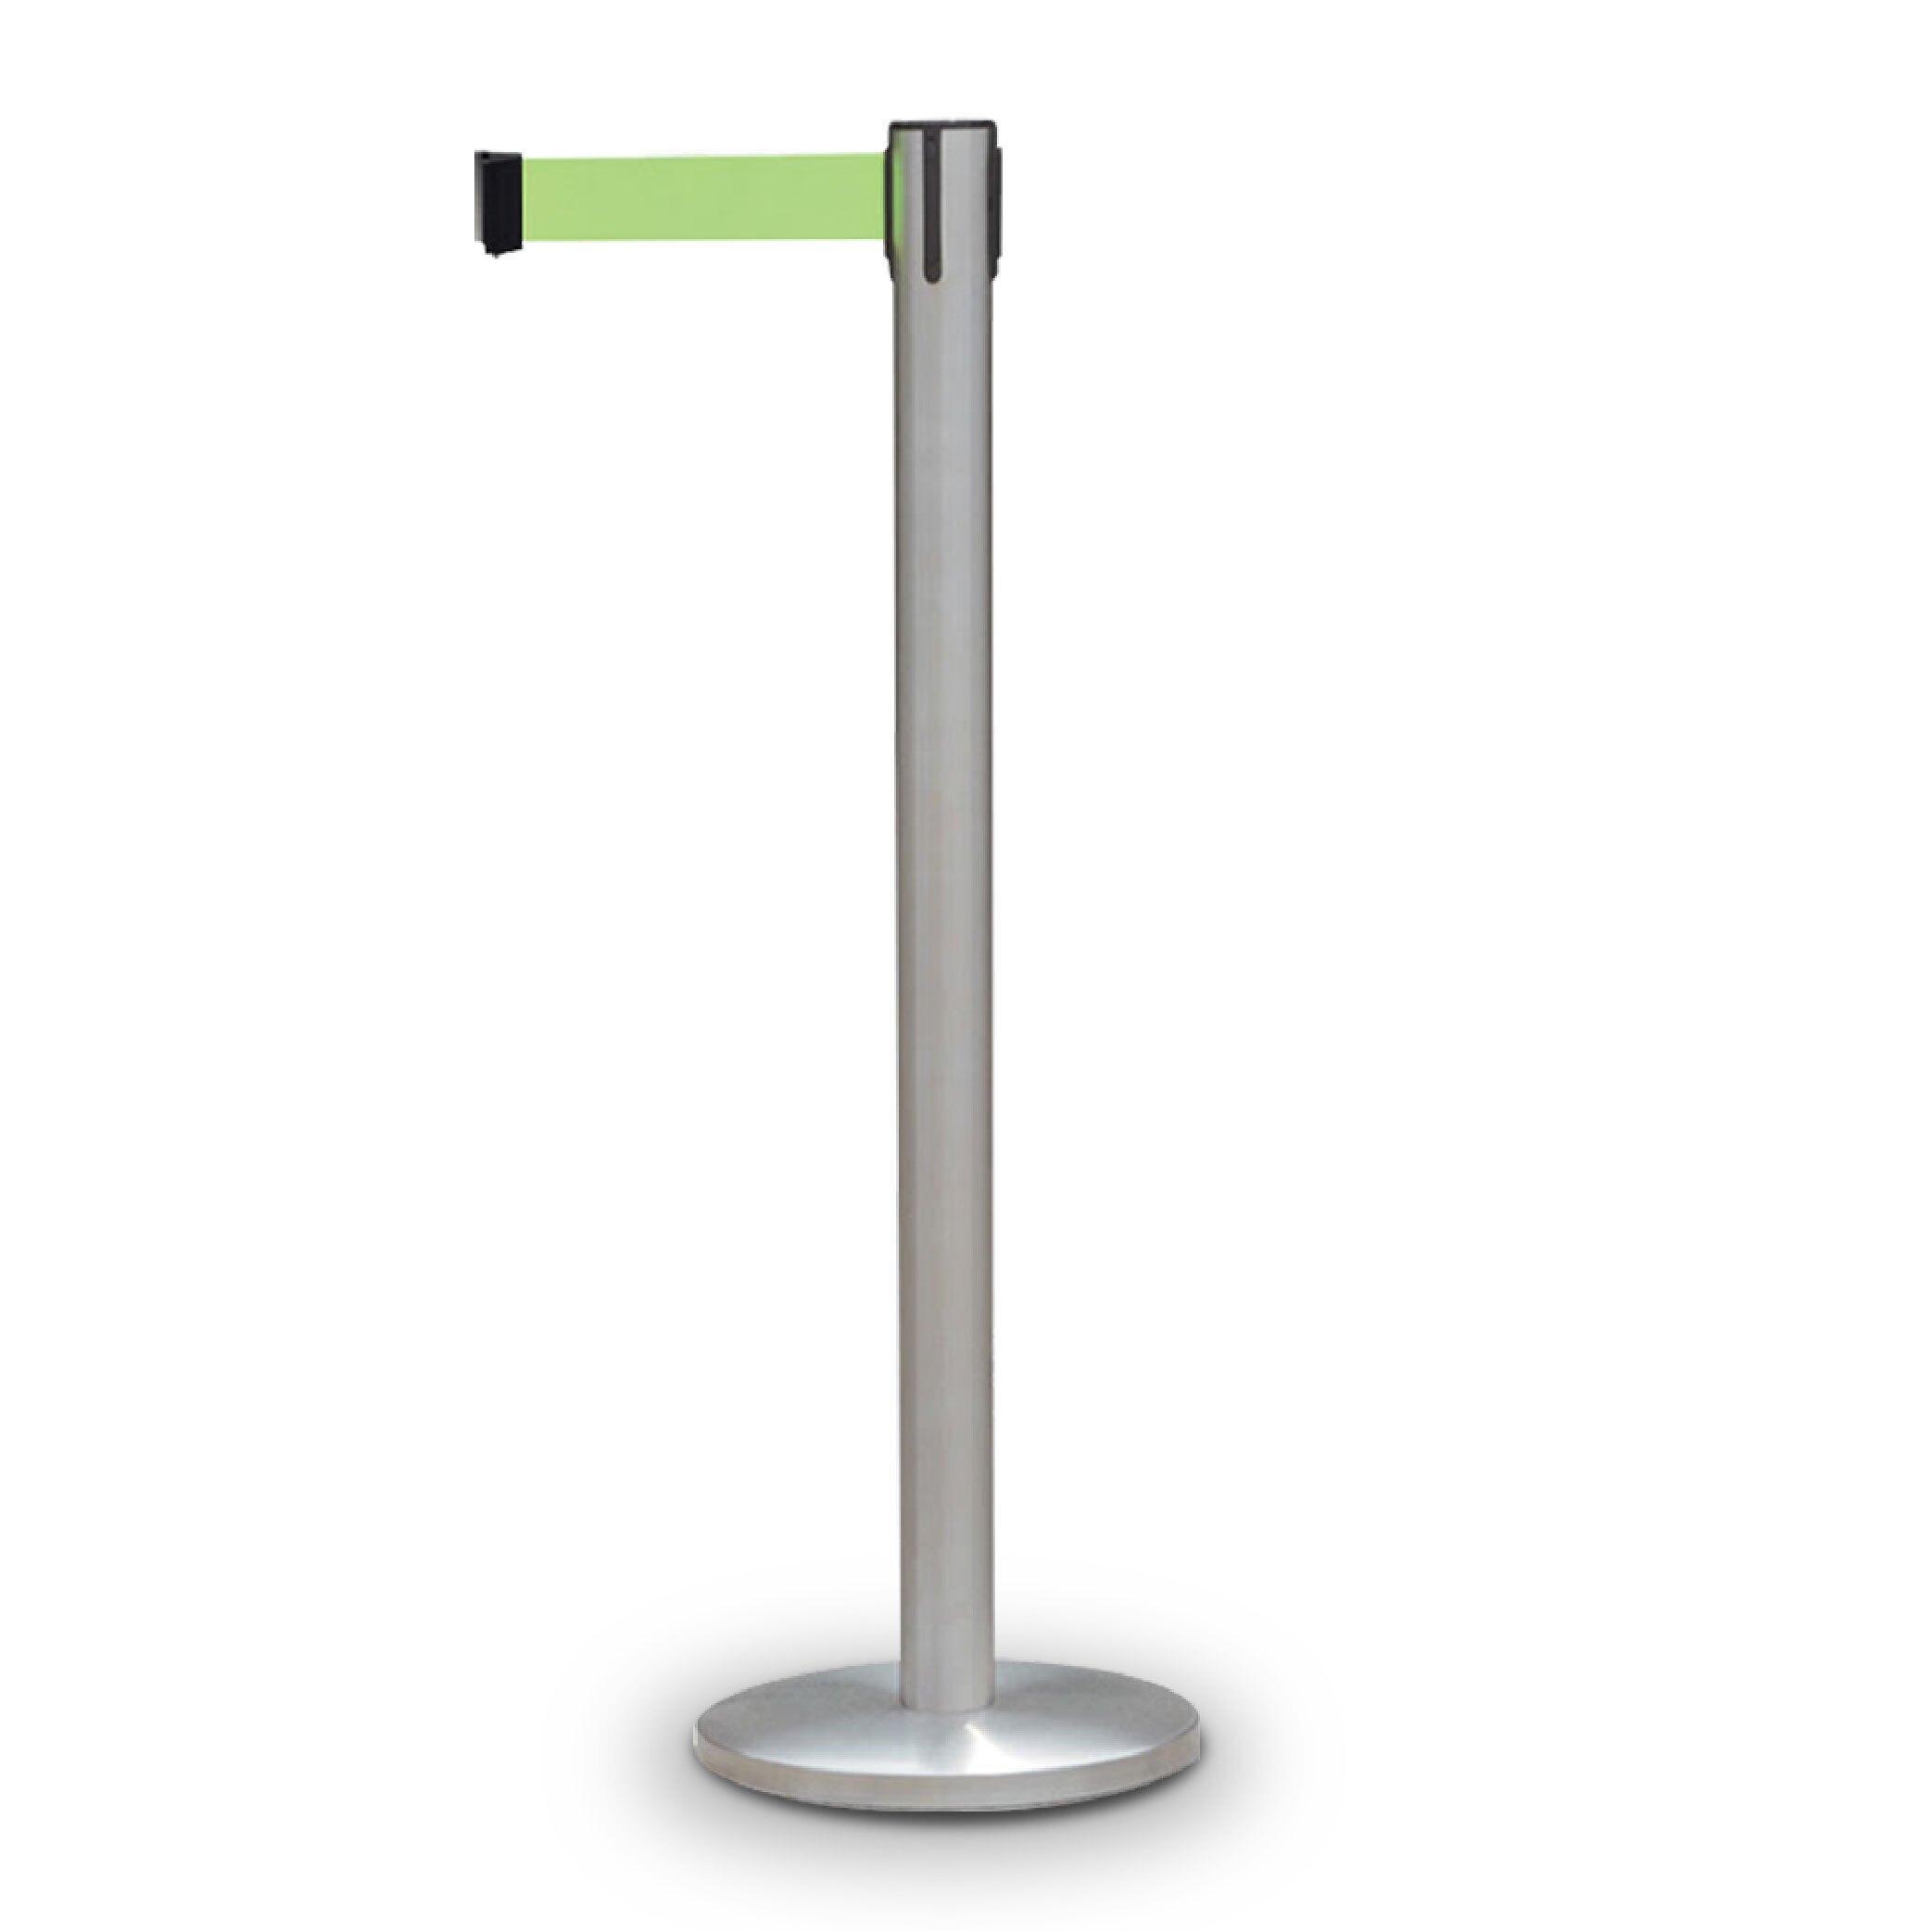 西瓜籽 不鏽鋼伸縮圍欄(毛絲面) TC-200S-HL 演唱會 機場 捷運 動線規劃 紅龍柱 安全圍欄 護欄 排隊